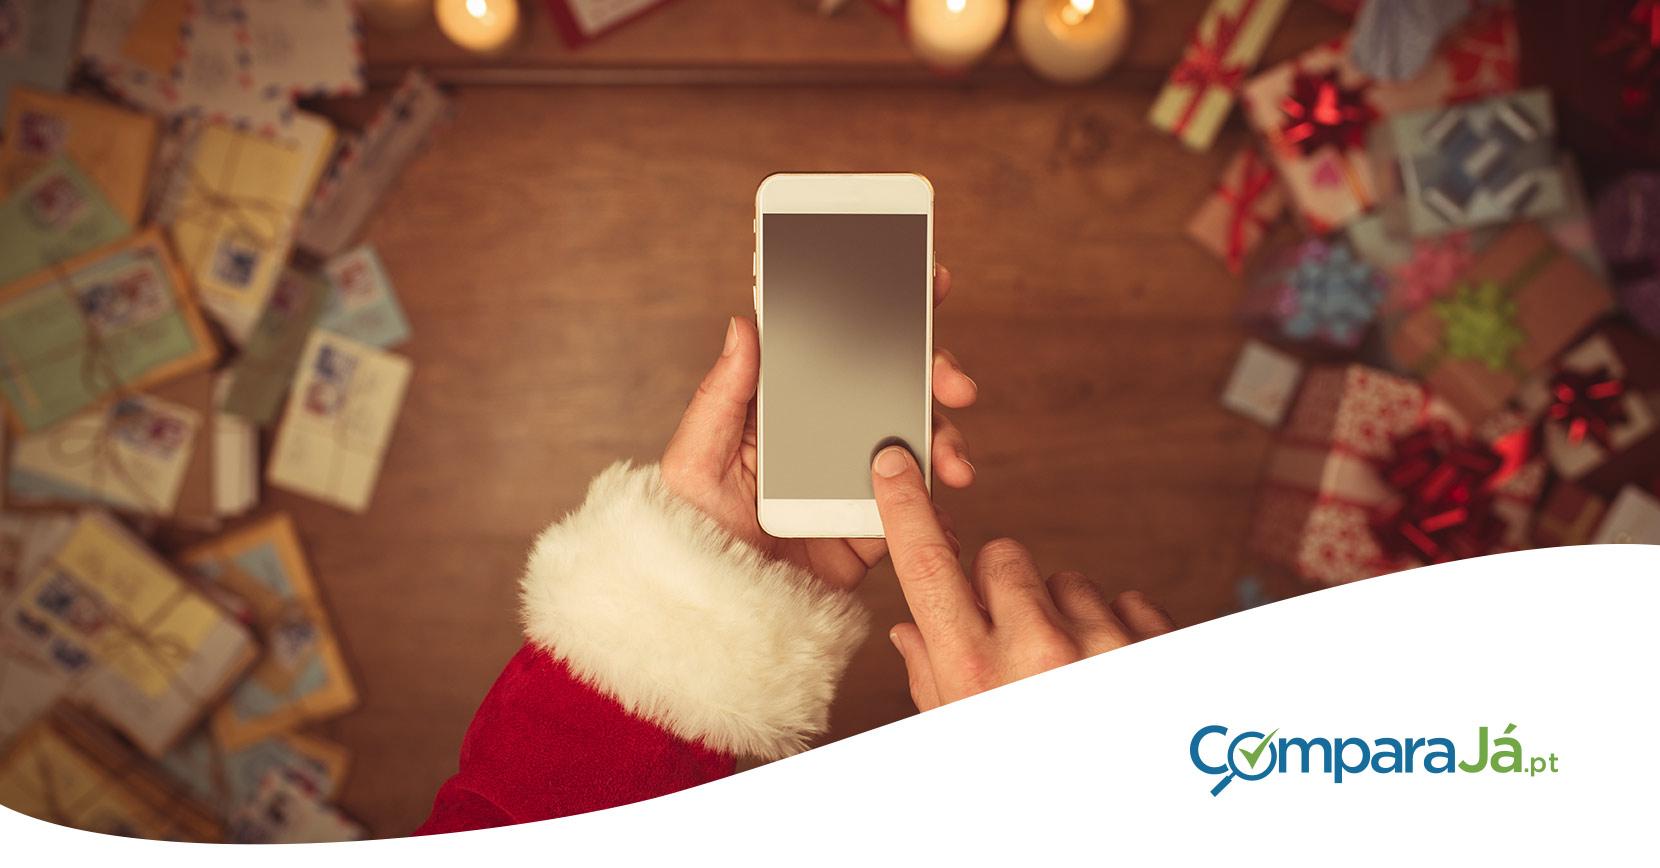 Roaming: Quanto Vai Pagar em Chamadas Nestas Férias de Natal?